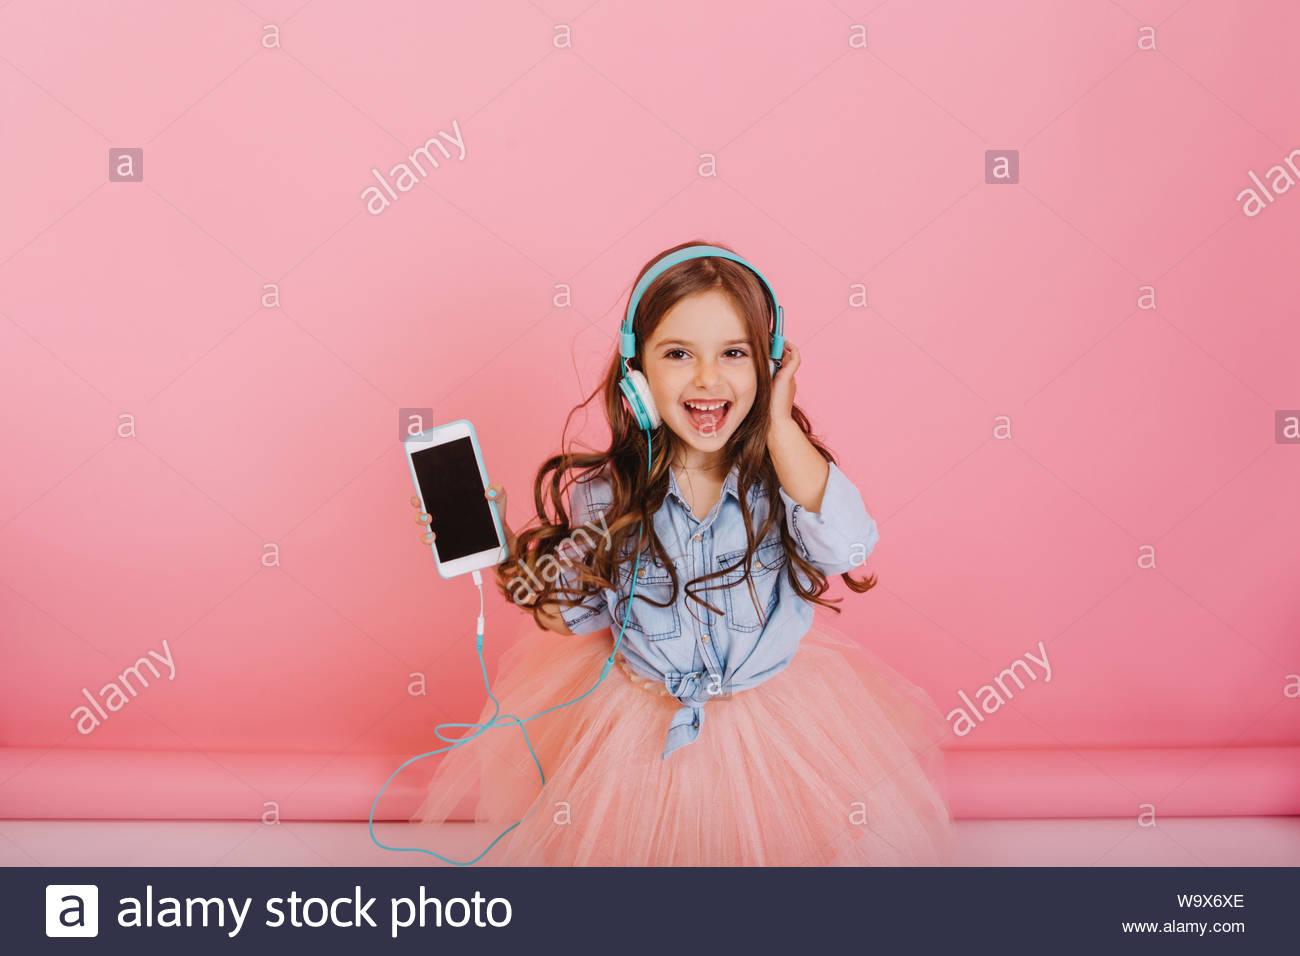 Amazing little girl joyeux à tulle jupe d'écouter de la musique via un casque bleu isolé sur fond rose. Exprimer ses émotions à la caméra brightful, bénéficiant d'une belle chanson Banque D'Images